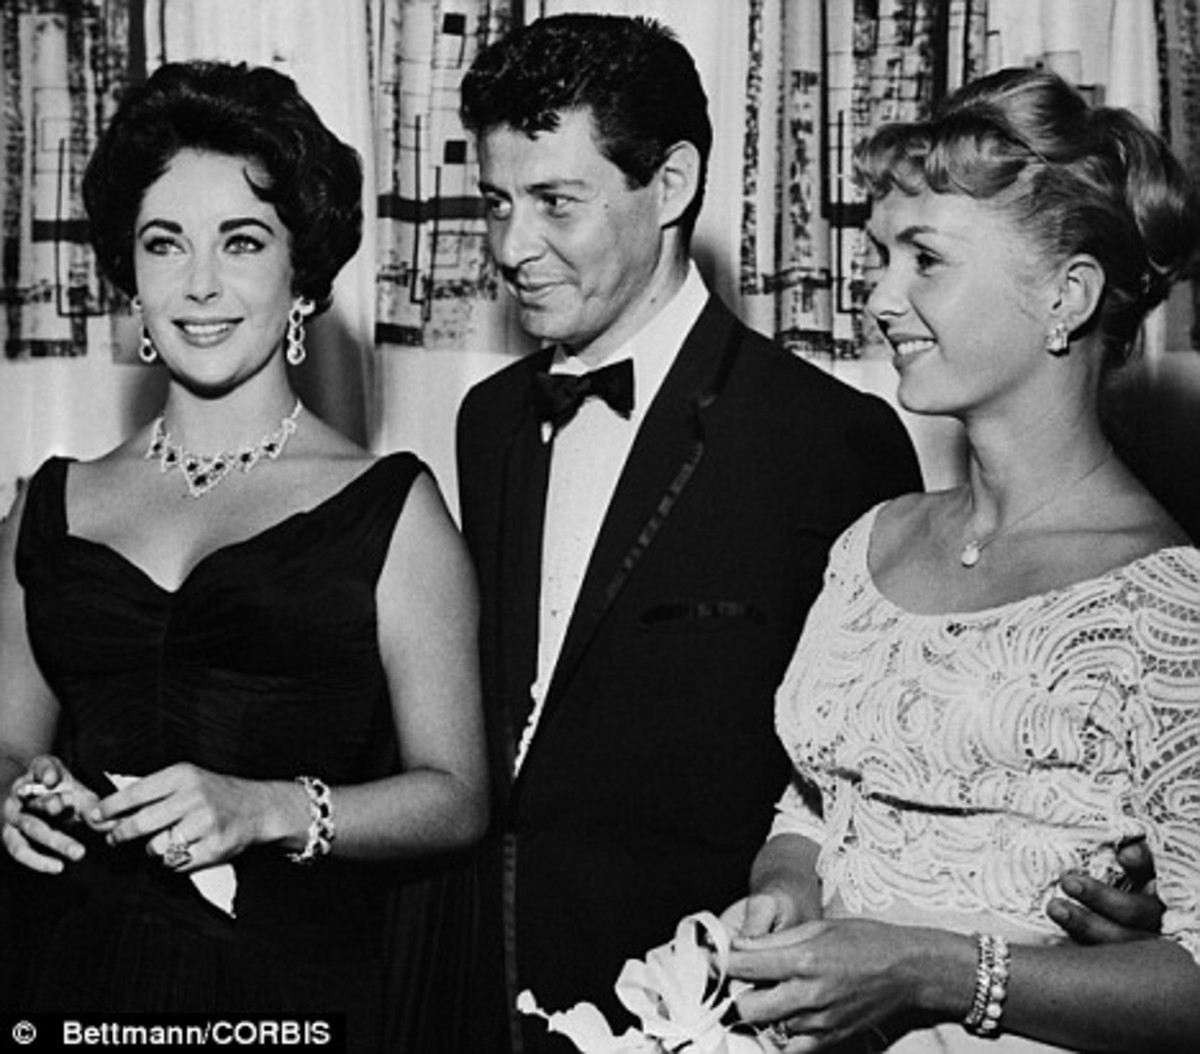 No:4  Eddie fisher - Liz, Eddie and Debbie